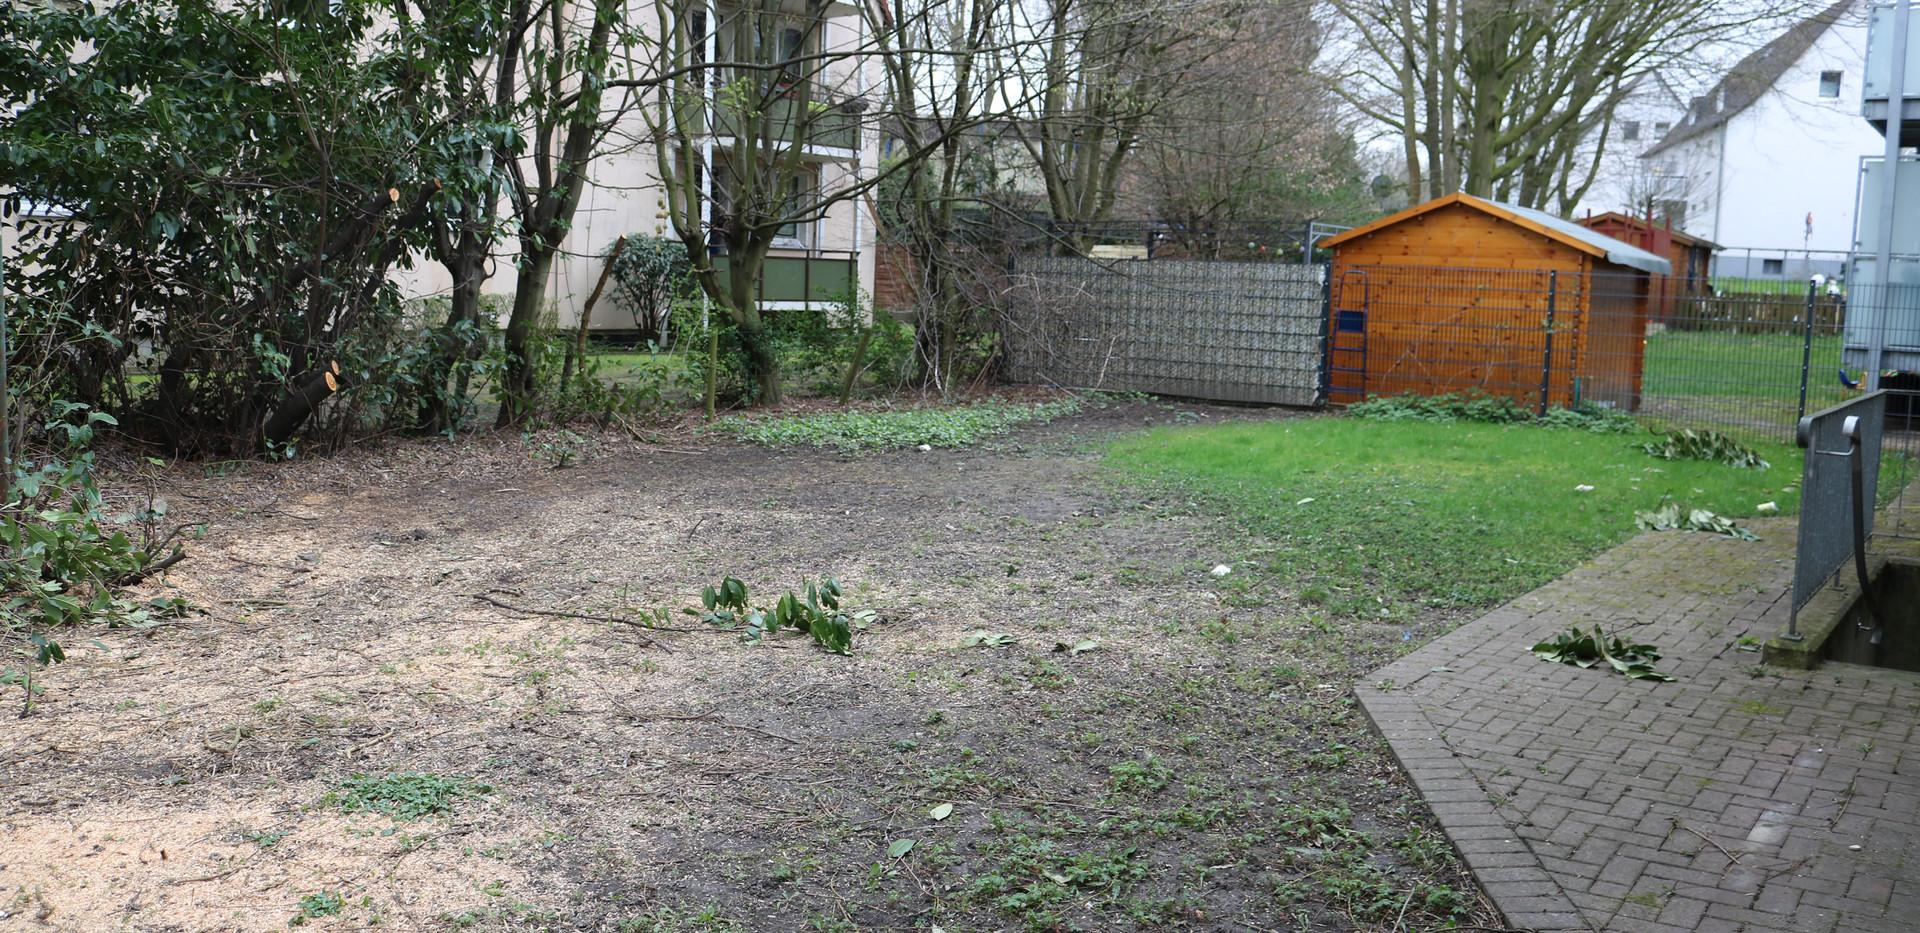 Es handelt sich um eine gefragte Wohnlage im Stadtgebiet von Dortmund